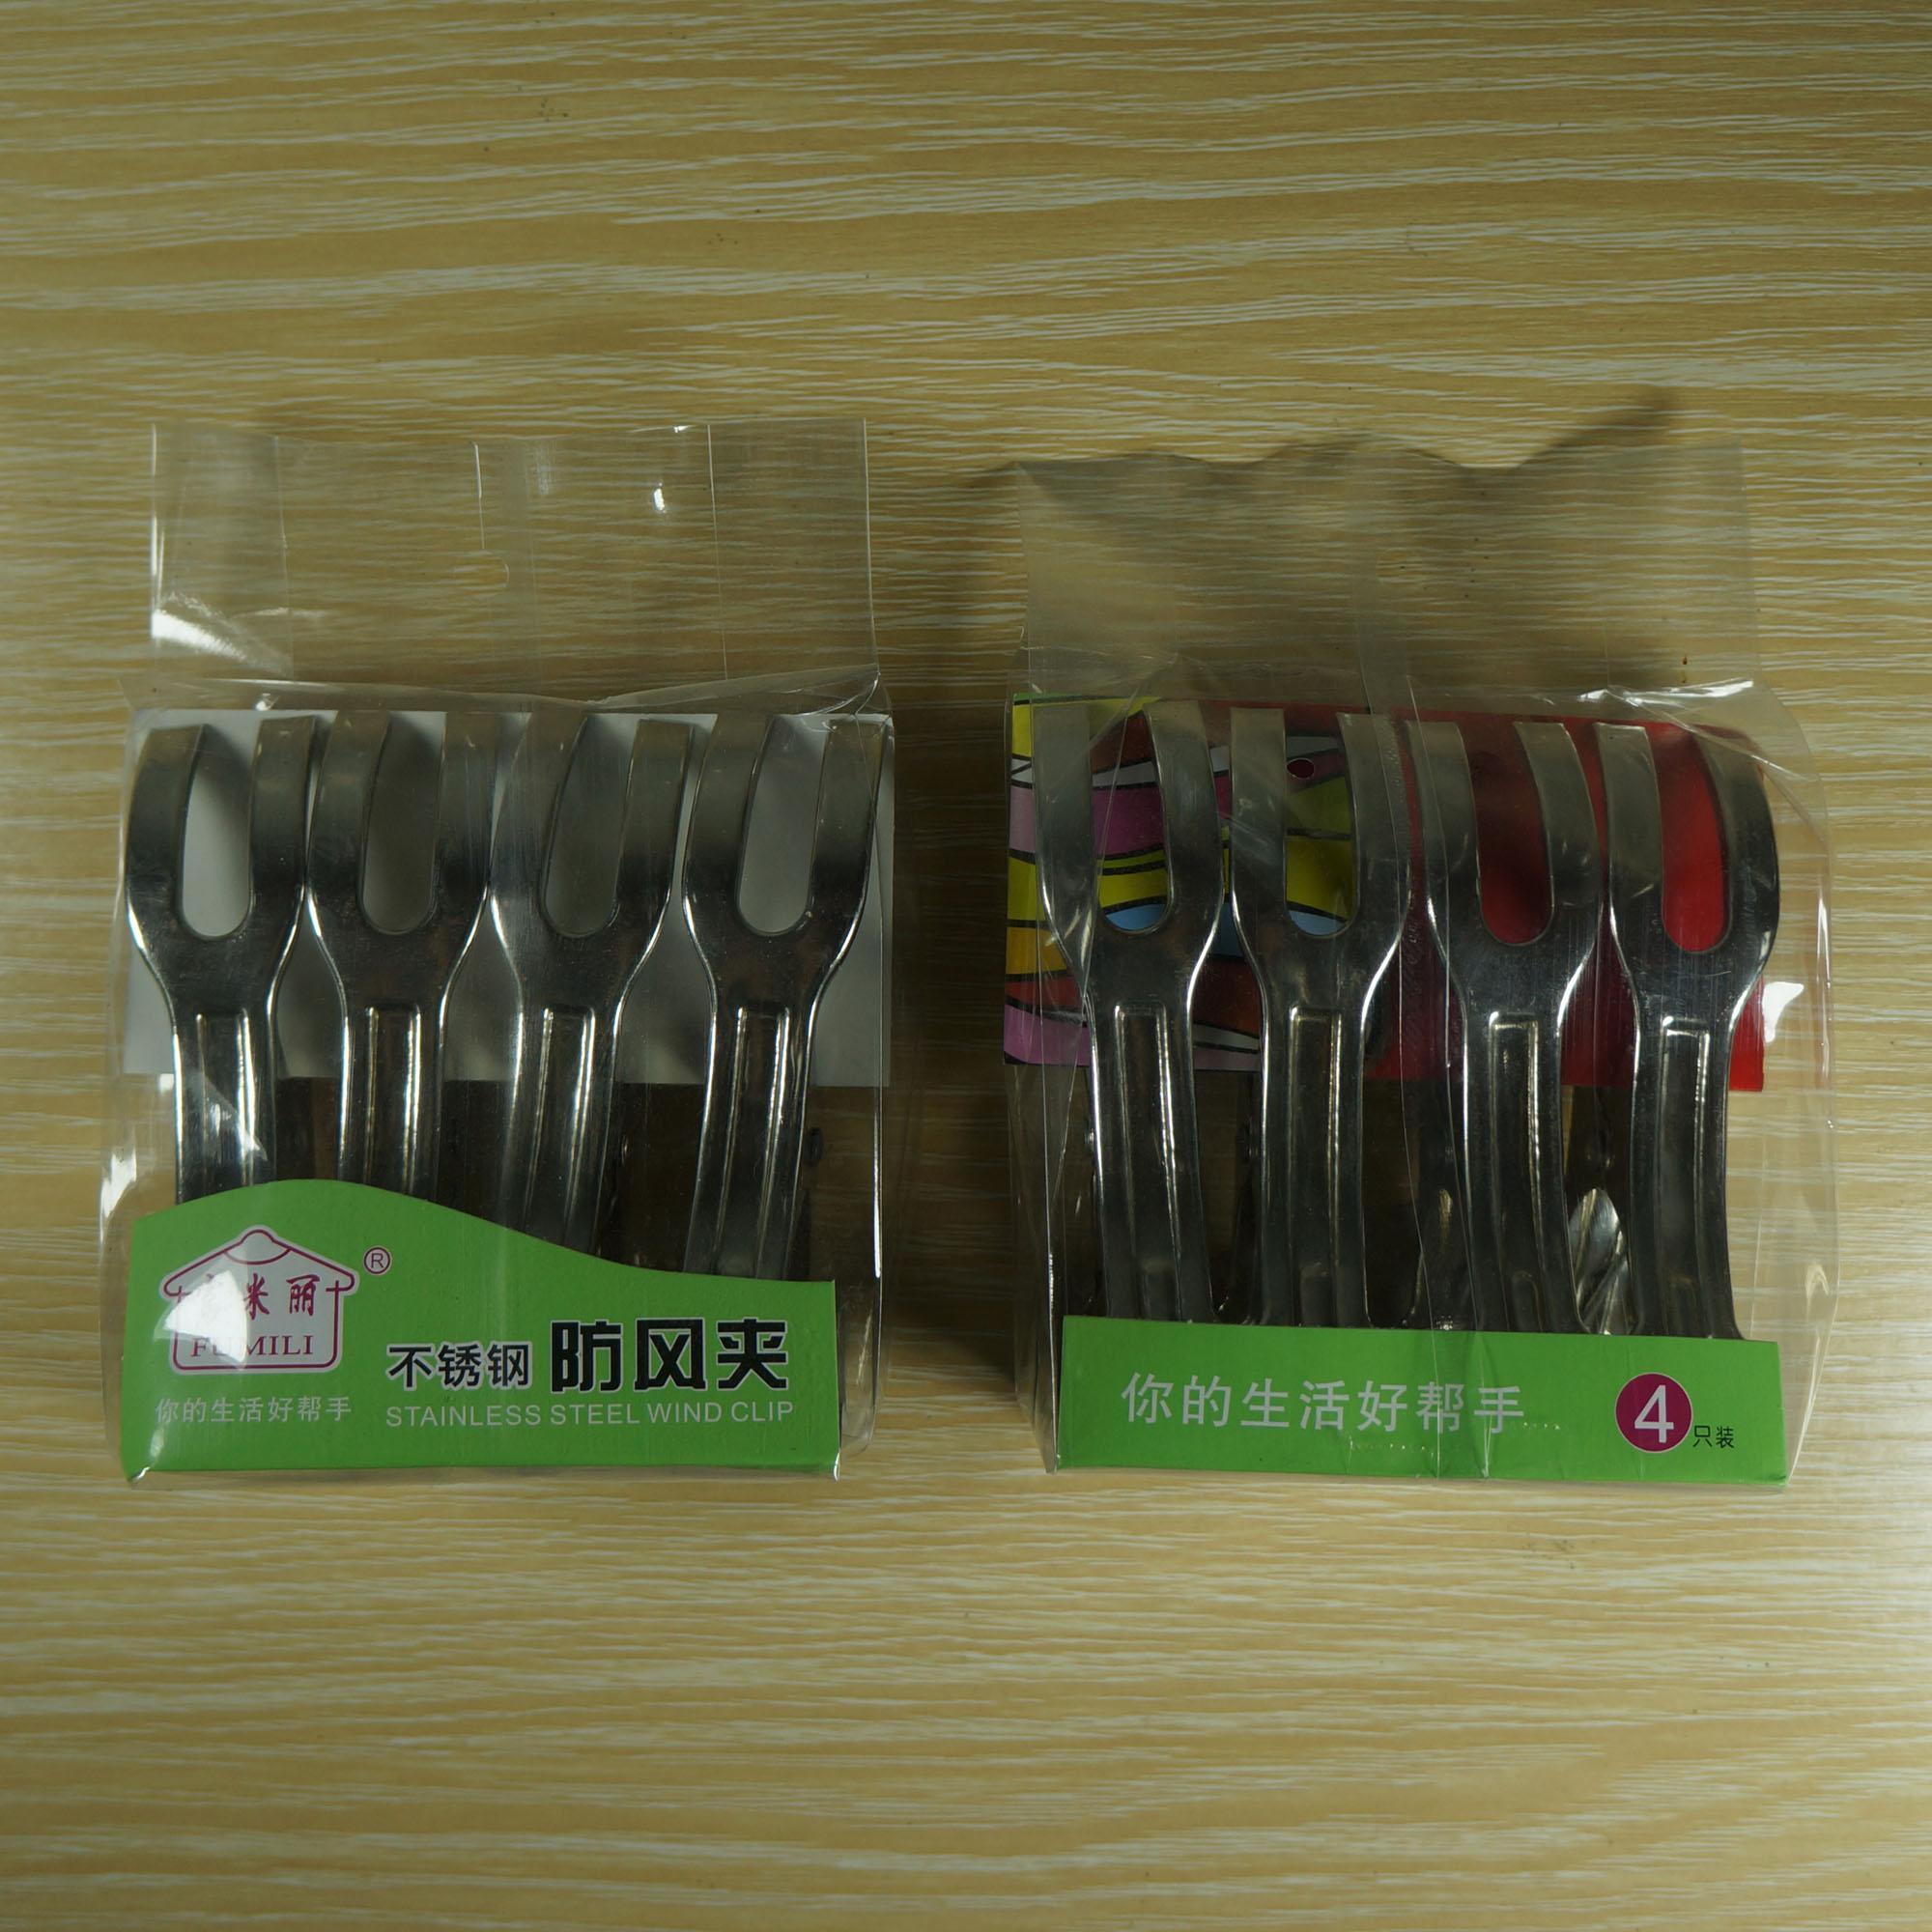 工廠直銷 富米麗 加大號不鏽鋼防風夾 衣夾(XL) 彩袋包裝 1